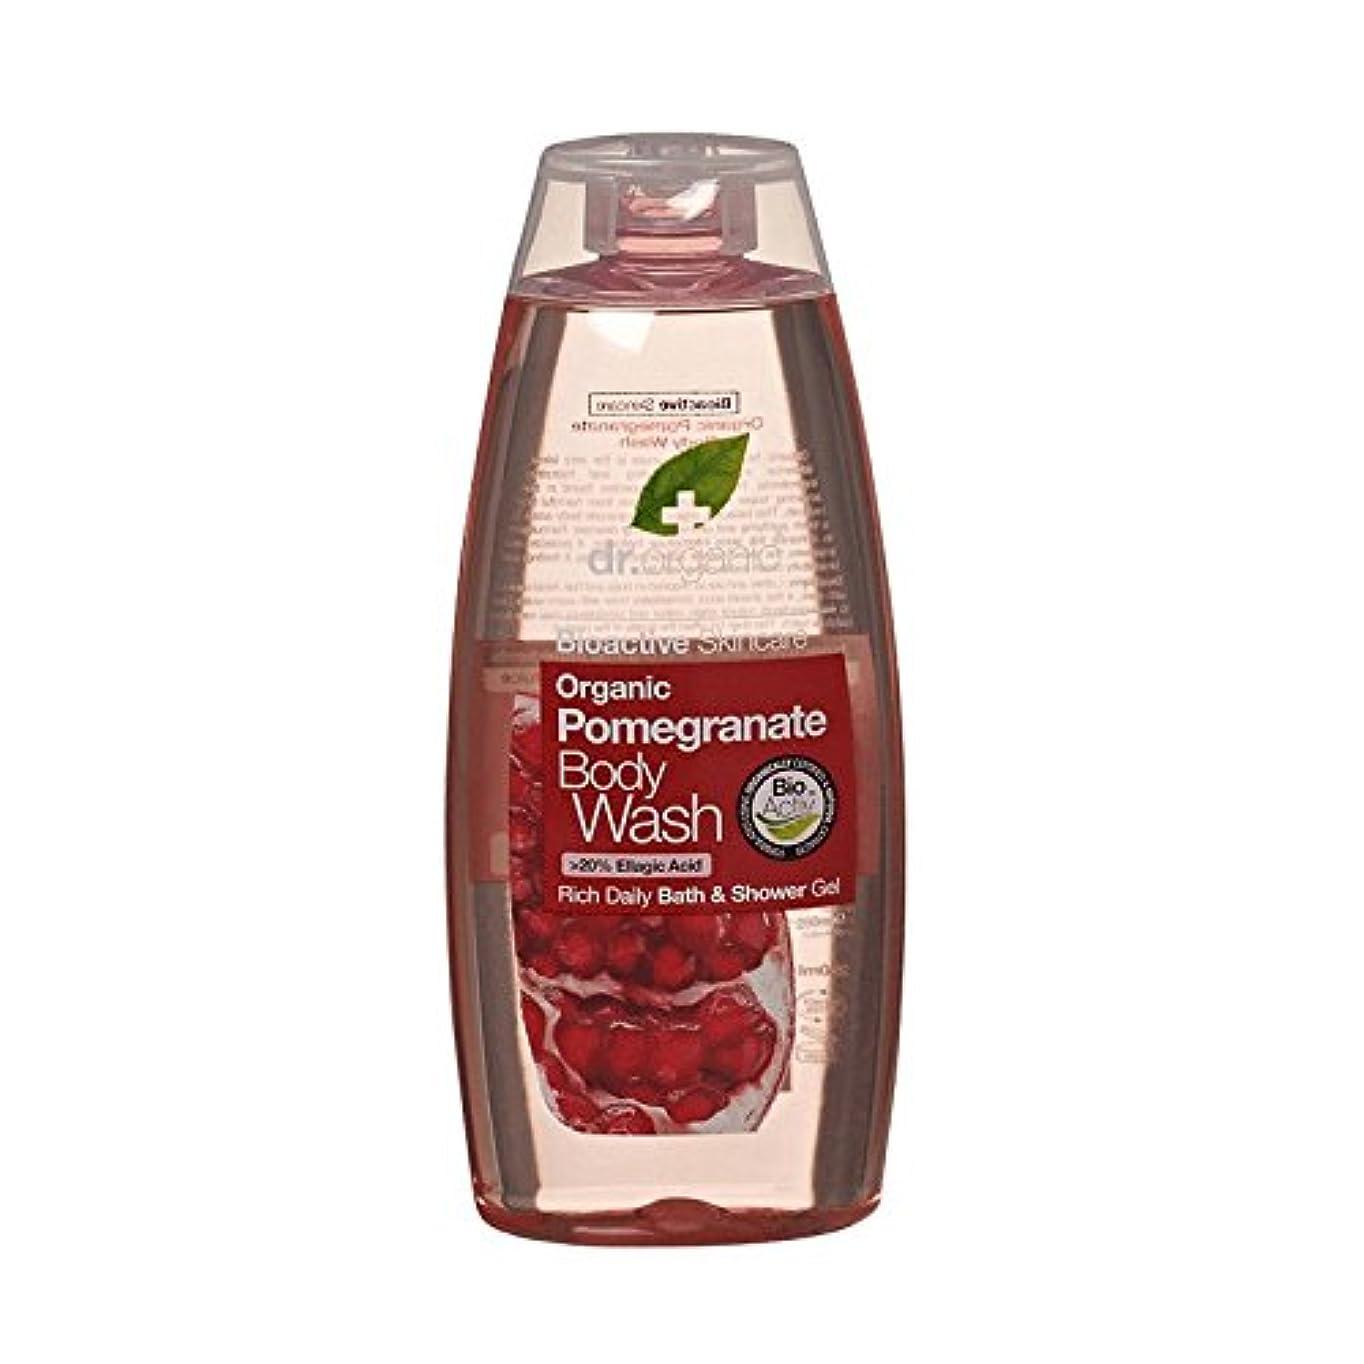 保存支払い女王Dr Organic Pomegranate Body Wash (Pack of 2) - Dr有機ザクロボディウォッシュ (x2) [並行輸入品]